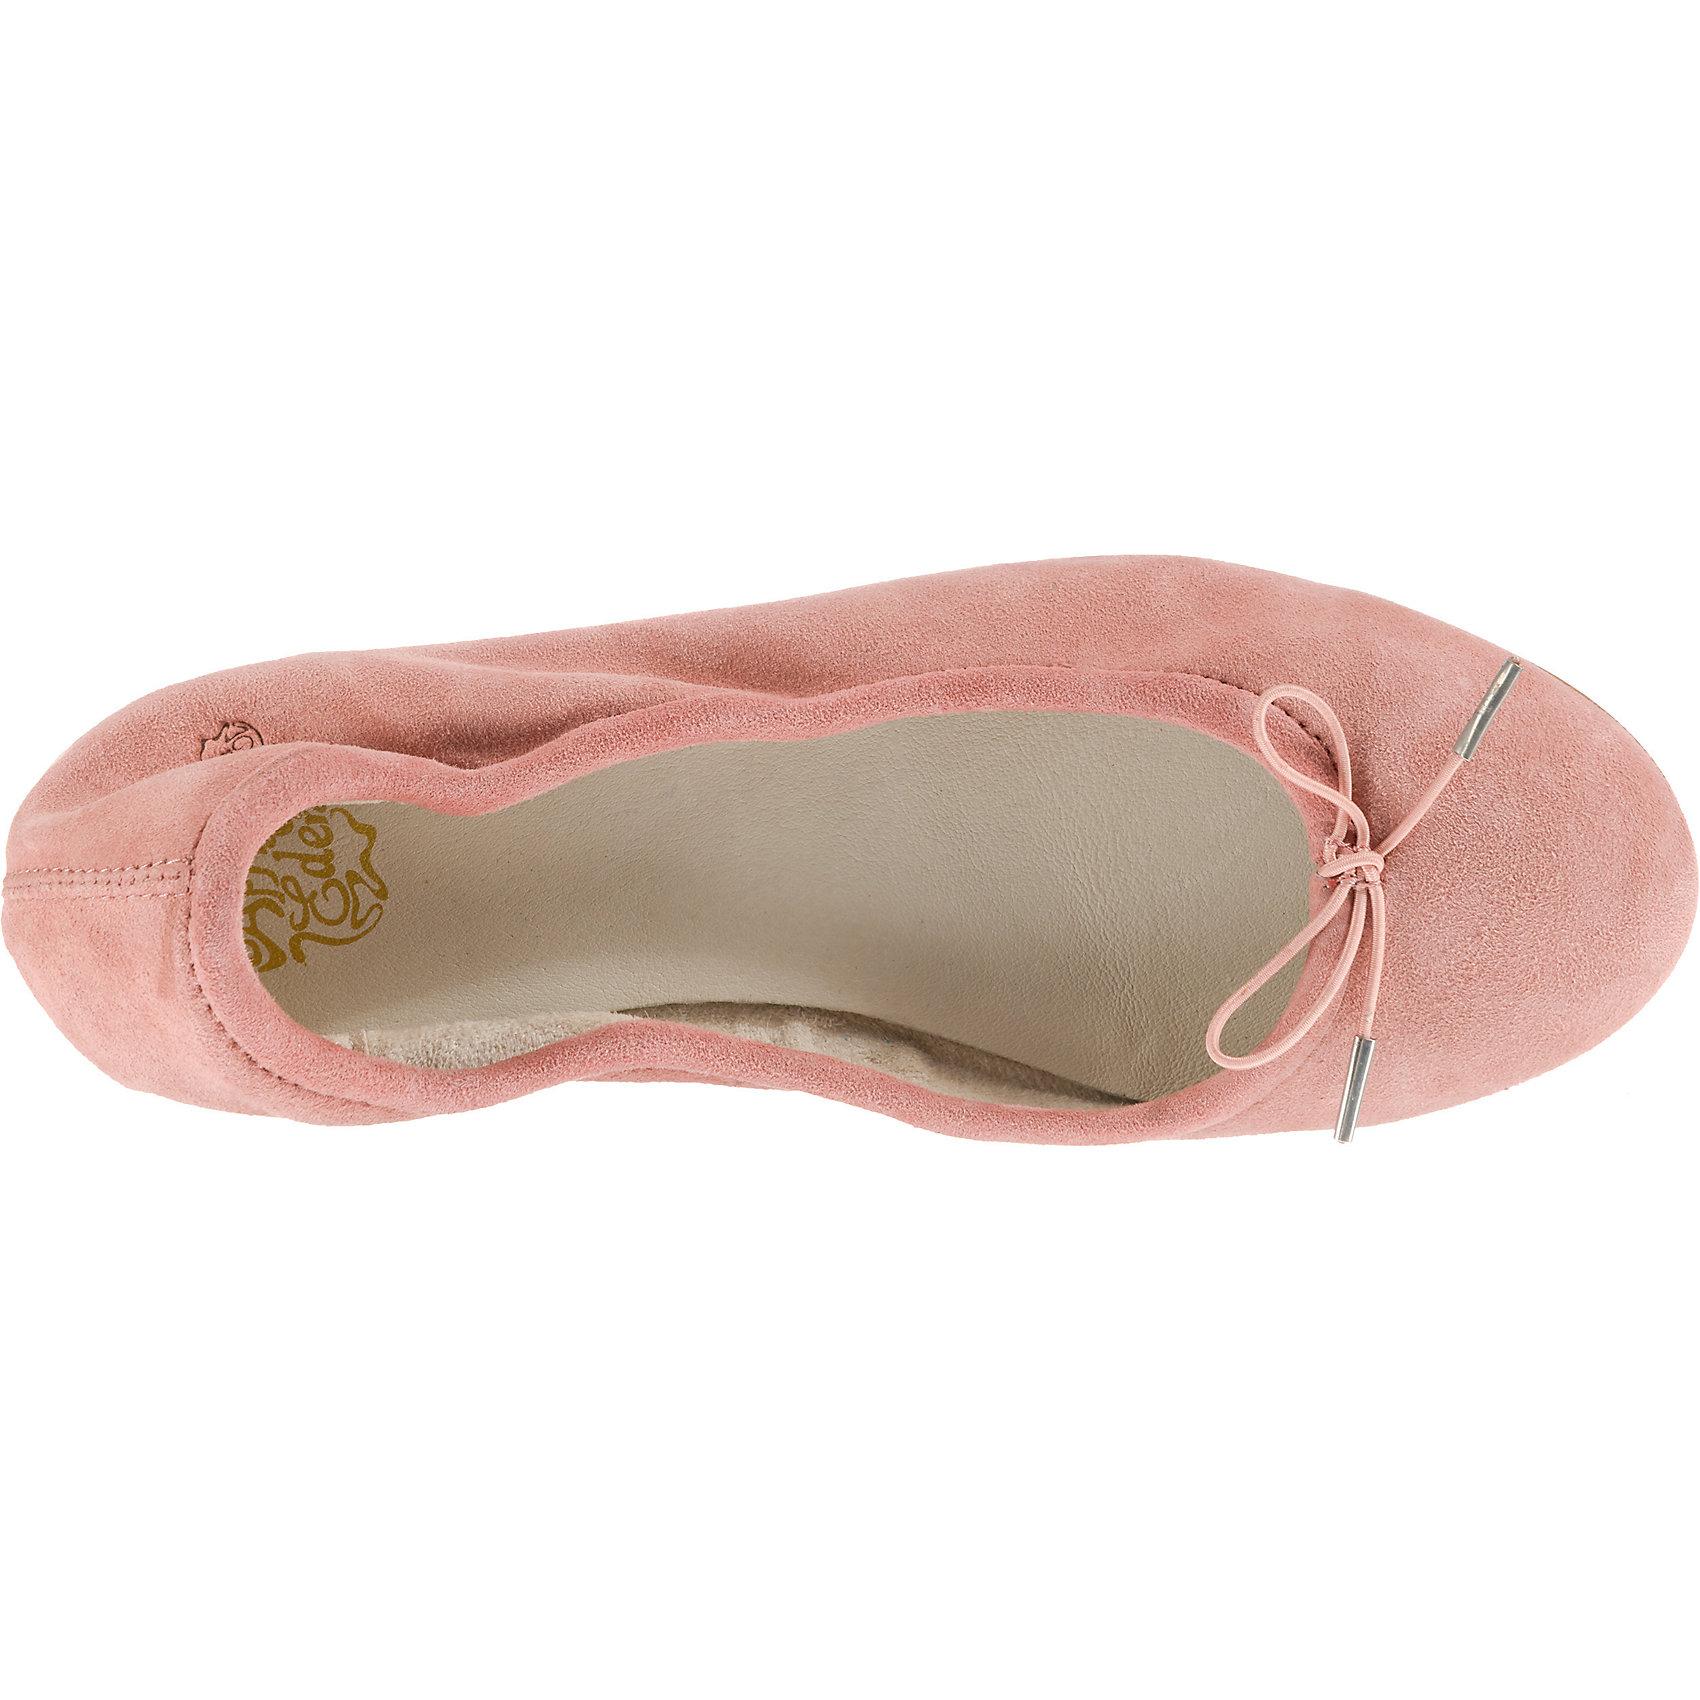 Neu Neu Neu Apple of Eden LIZ Klassische Ballerinas 7386215 für Damen  | Um Zuerst Unter ähnlichen Produkten Rang  193a3f